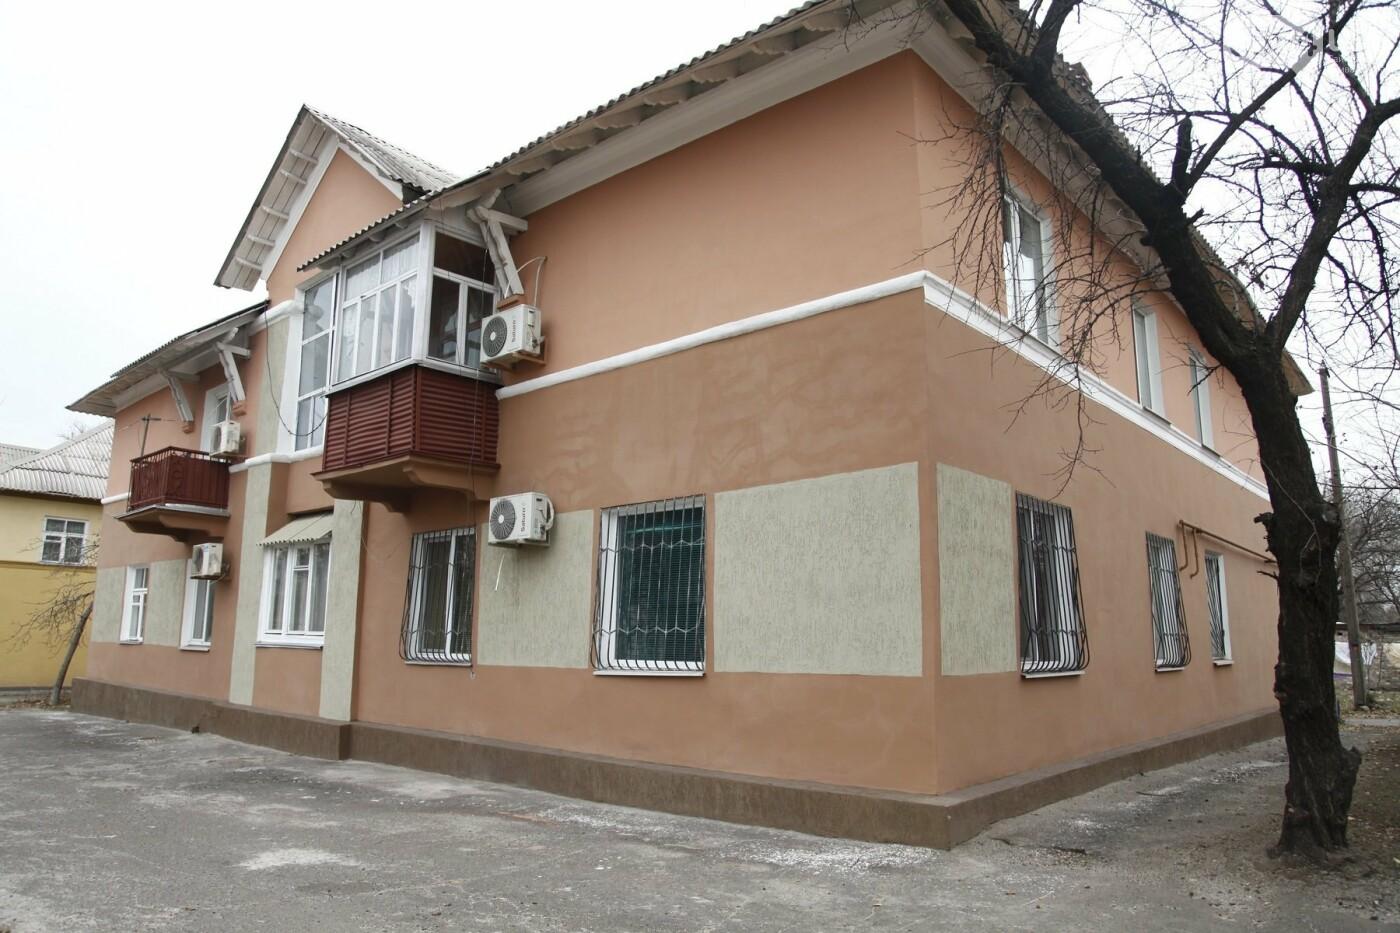 Южный ГОК отреставрировал фасады домов в поселке Матреновка, фото-1